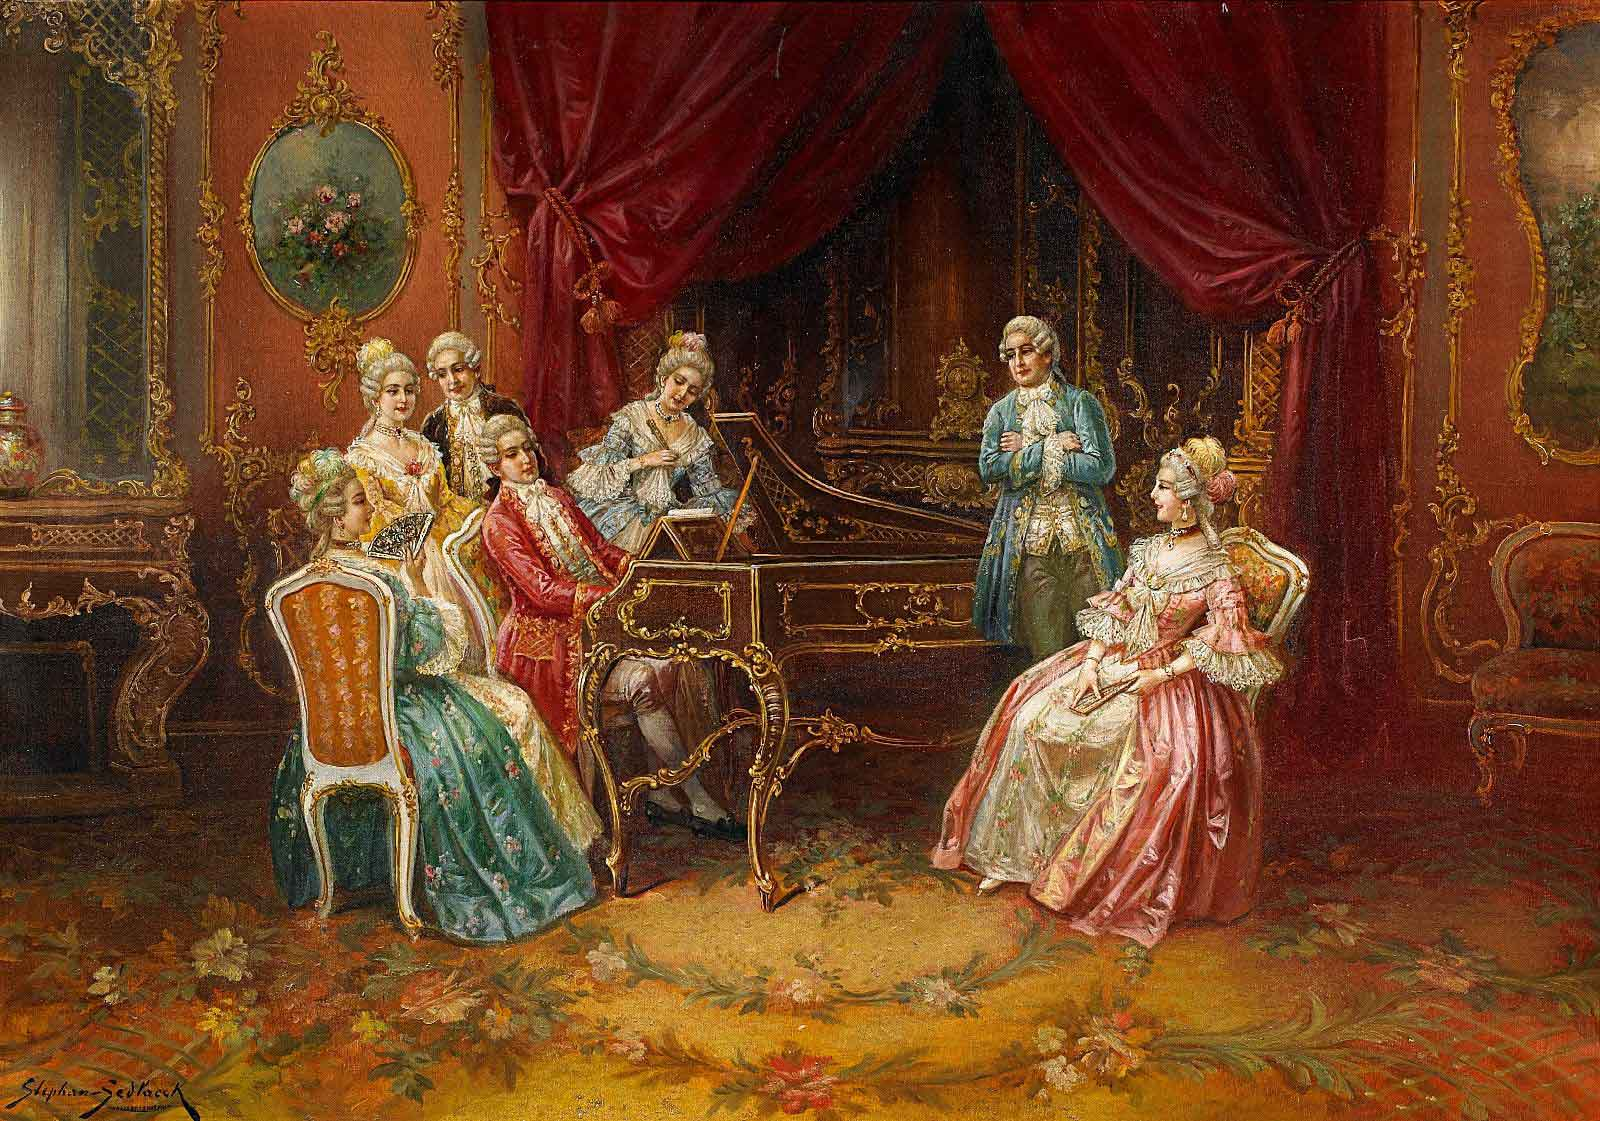 Der junge Mozart am Spinett.